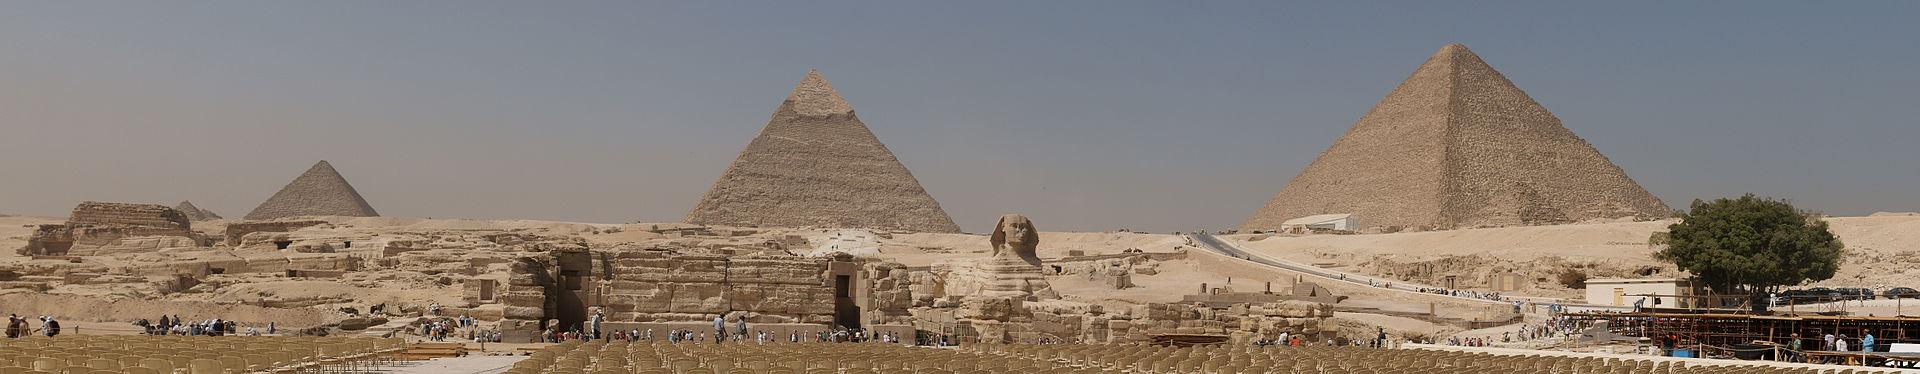 胡夫、哈佛拉和孟考拉三大金字塔